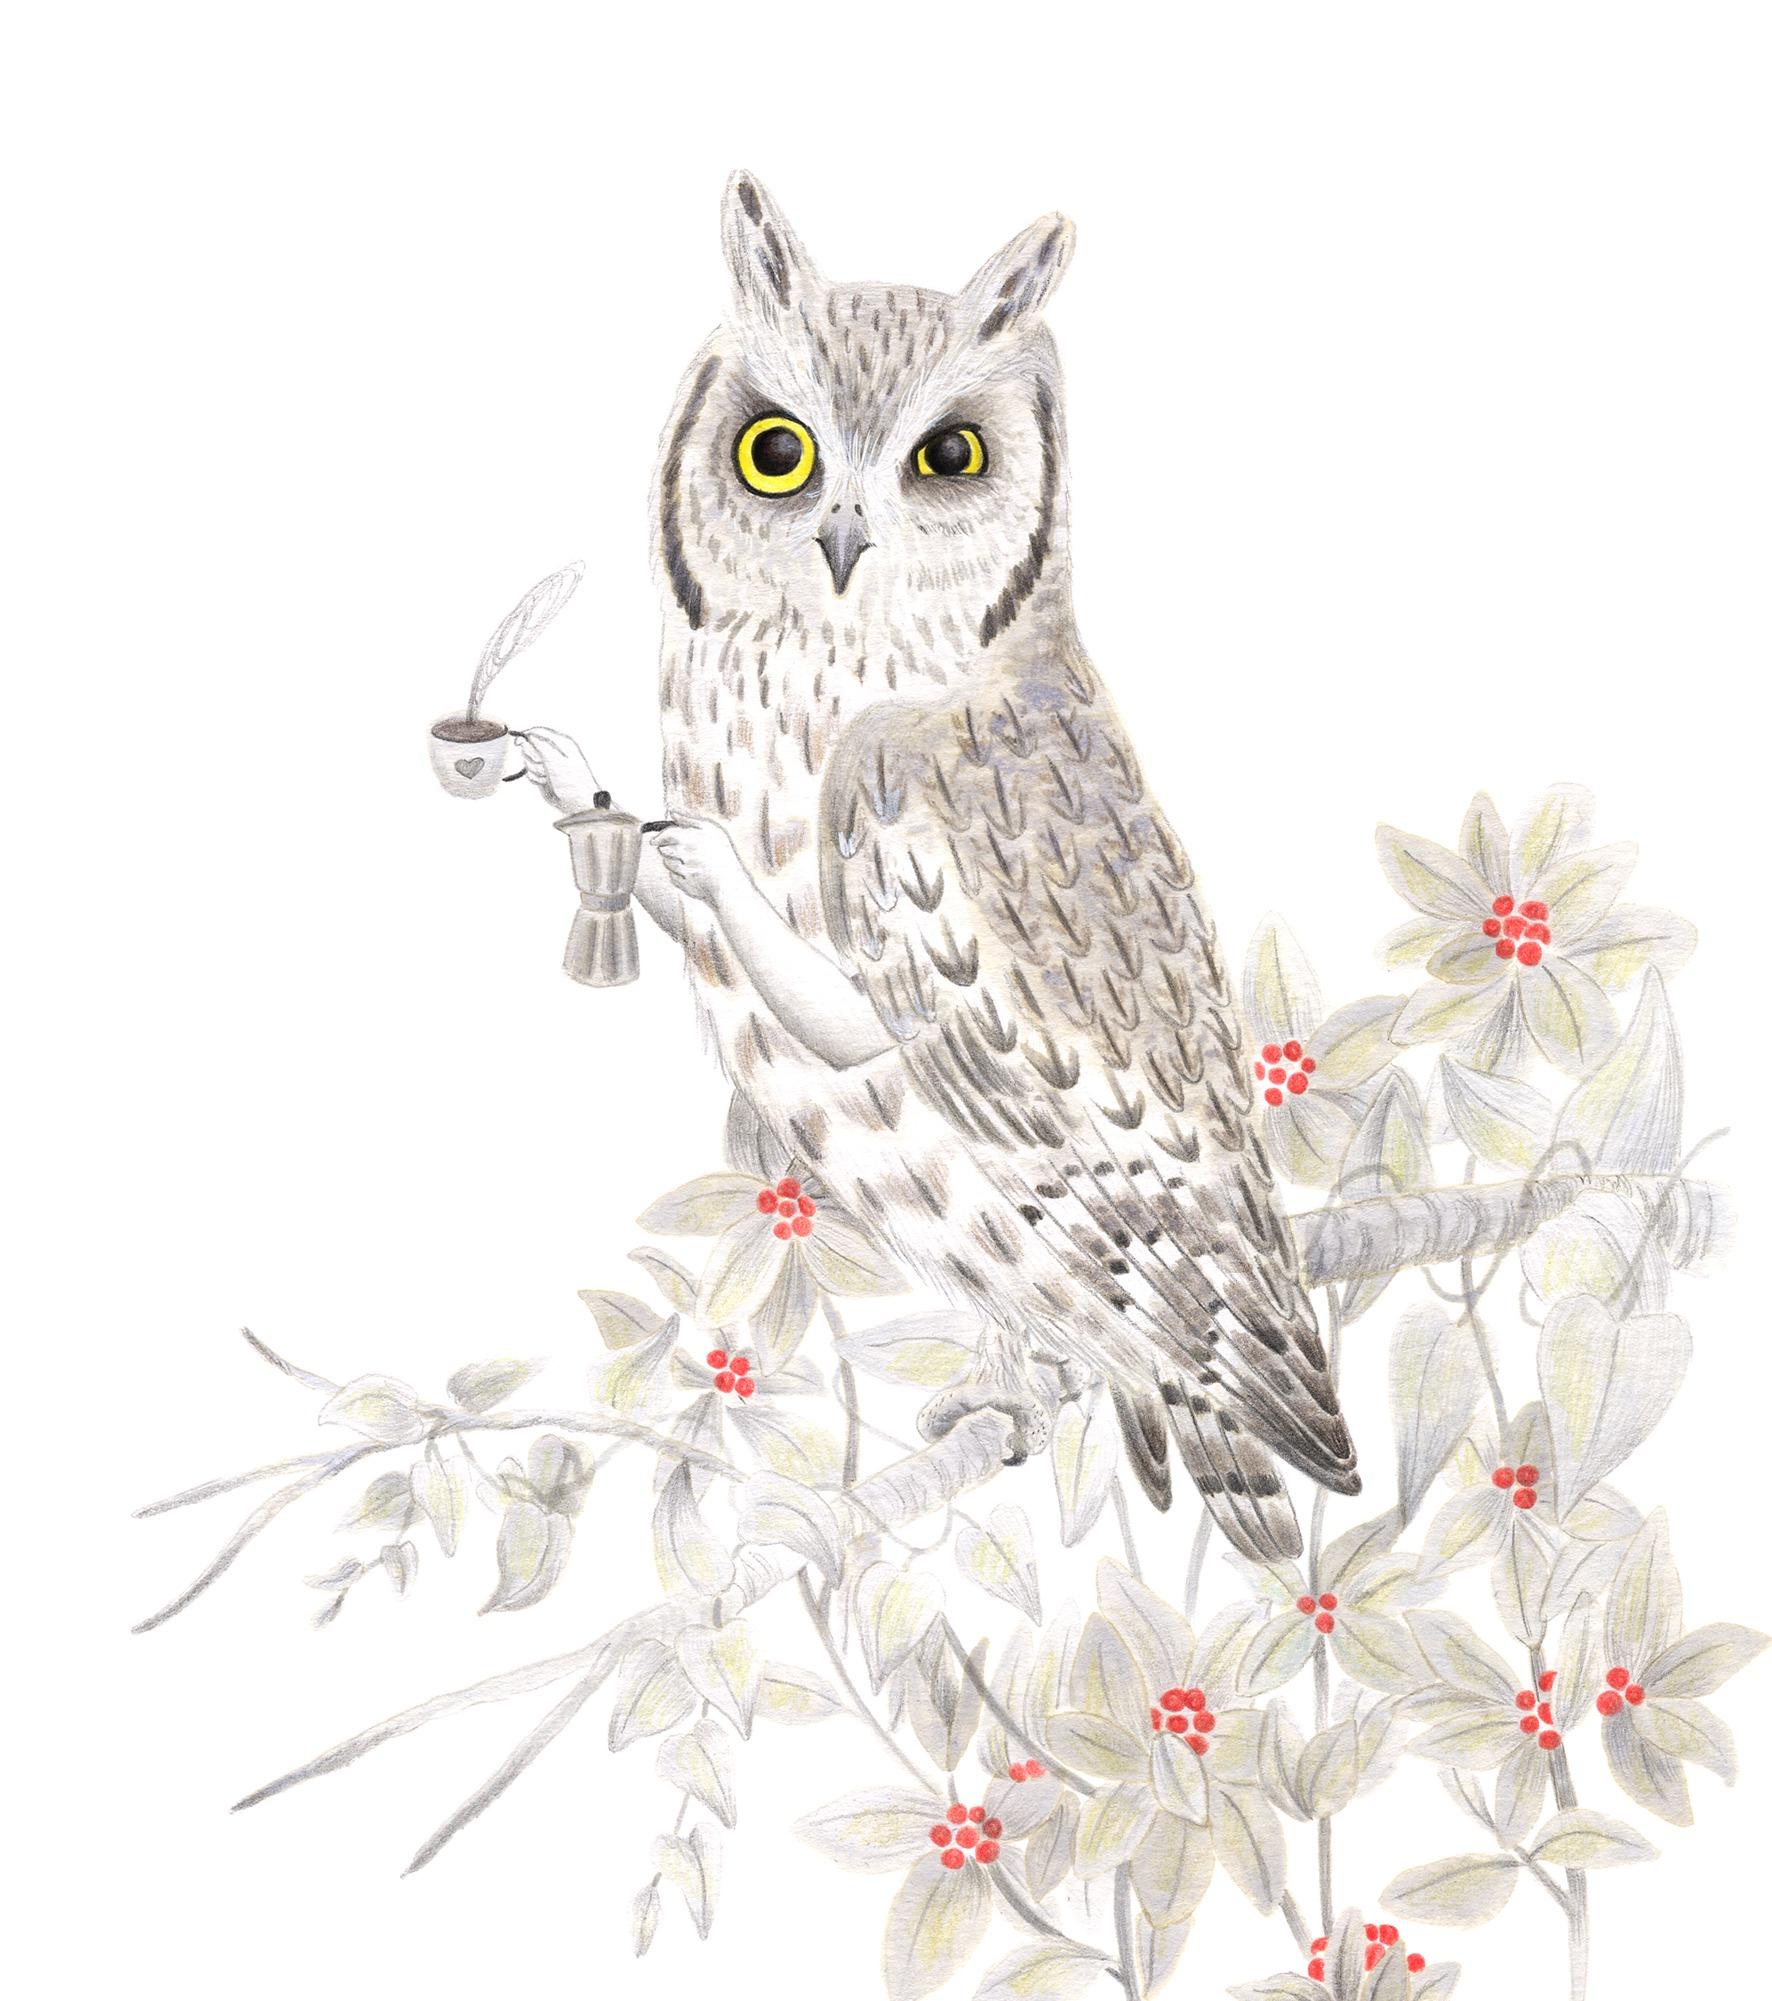 Autillo, Otus scops, ilustración de aves, ilustración de autillo, dibujo de lechuza, scops owl, owl illustration, lechuza comiendo, ilustración de naturaleza, ilustración de animales, ilustración de rapaces nocturnas,